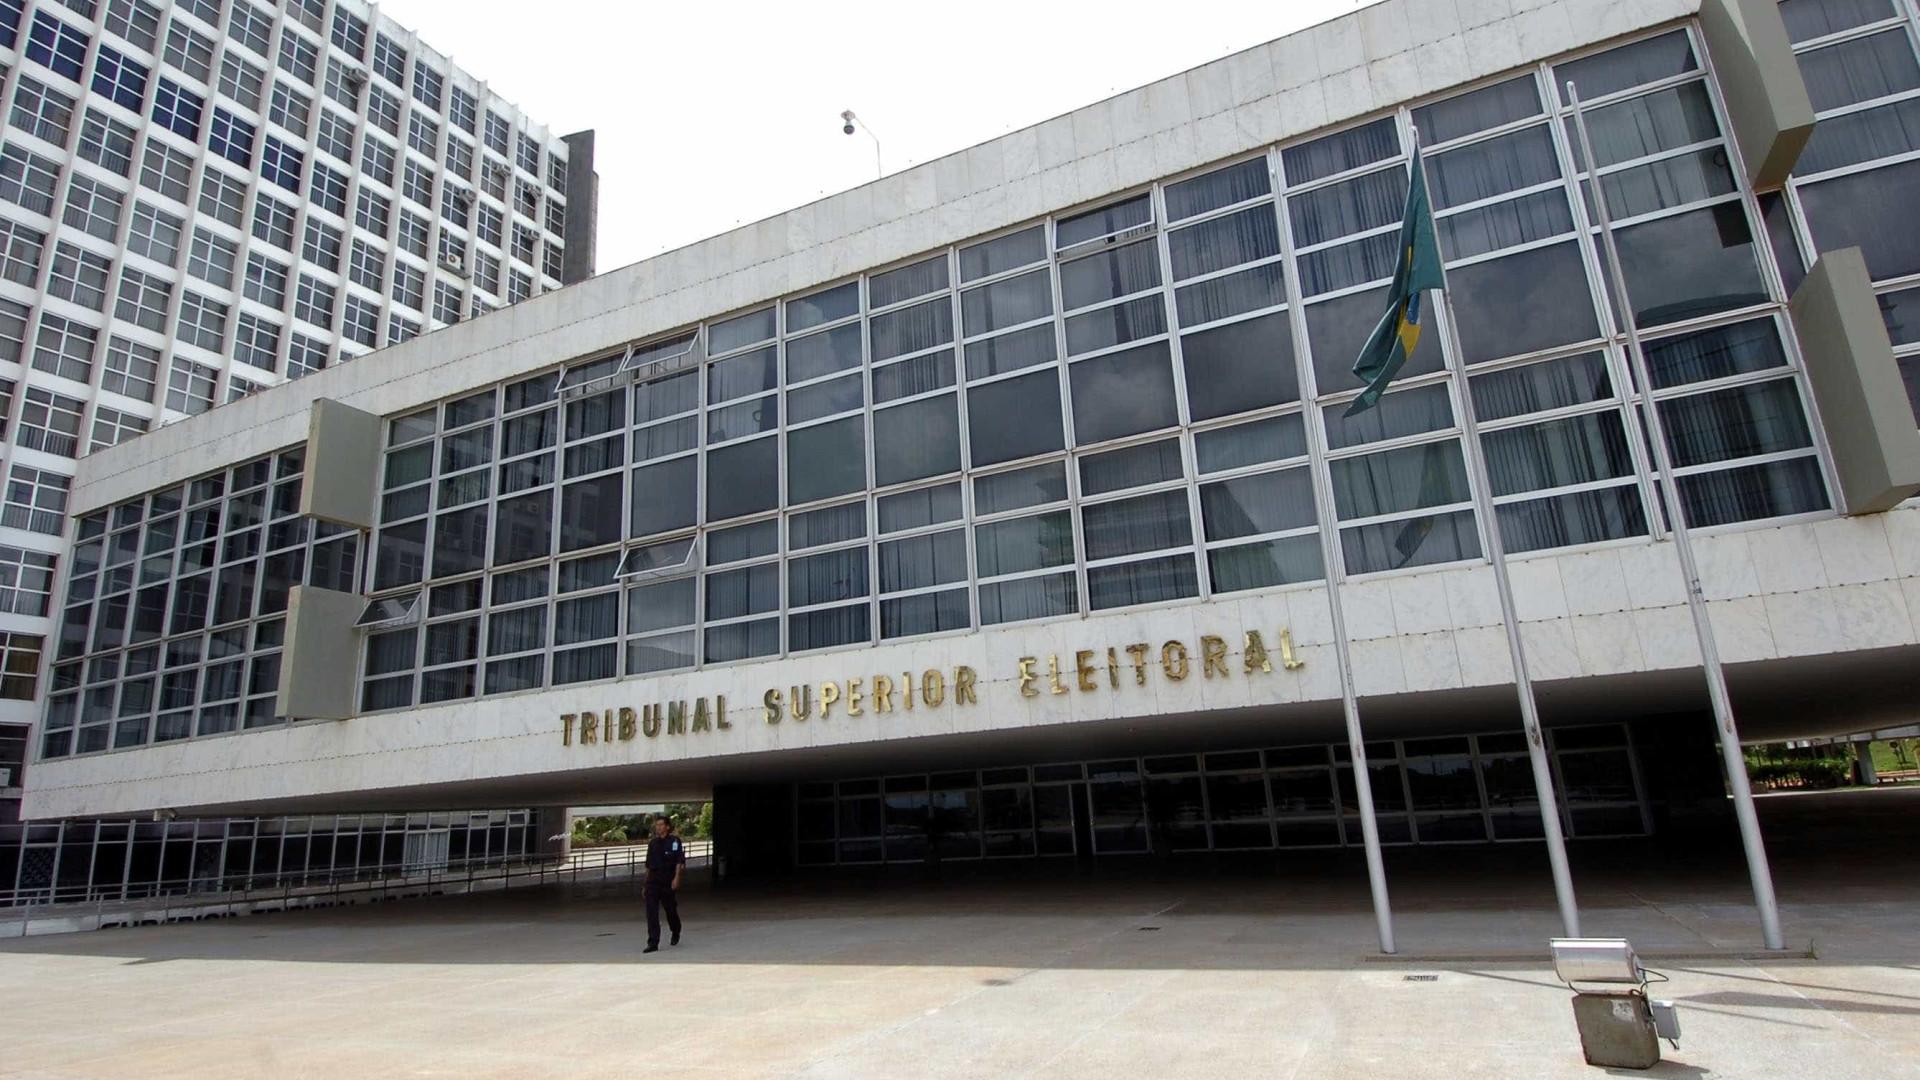 Candidatos arrecadam R$ 109,2 milhões nos primeiros dias de campanha